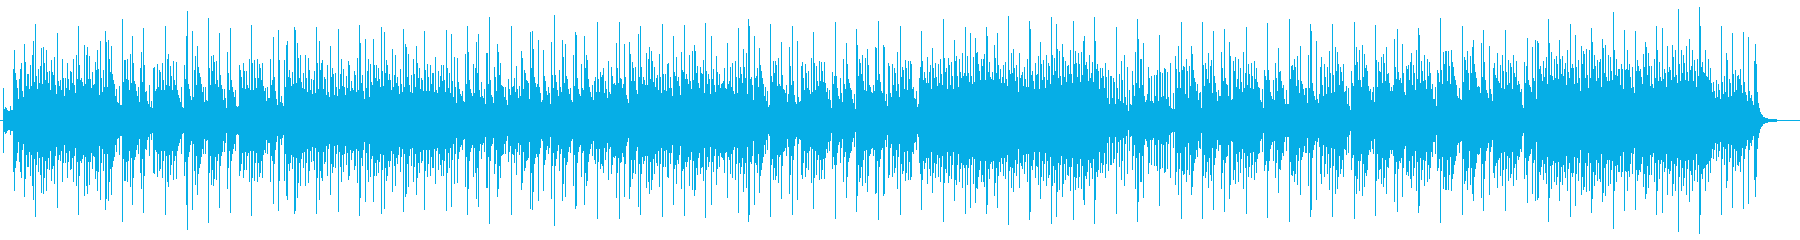 ゆったり艶やか琴が中心の和風アンサンブルの再生済みの波形